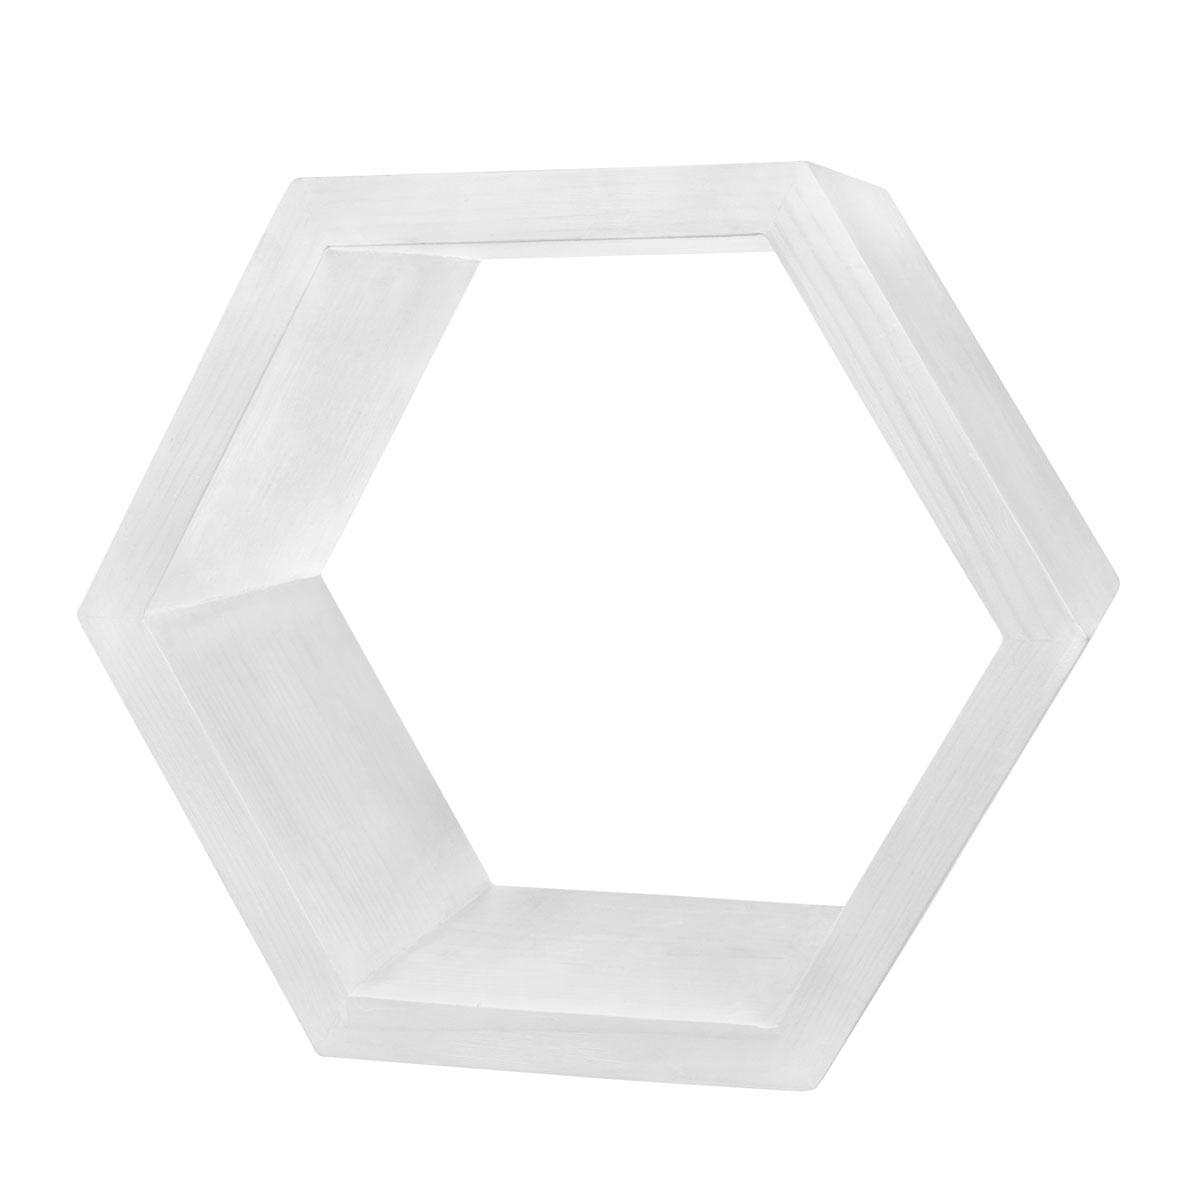 Декоративная полка EcoWoo 40 см, цвет: белыйDSH9NWОригинальные деревянные полки шестигранники. Отличное решение для декорирования комнаты. Несколько полок можно складывать в причудливые сочетания, ограниченные только вашей фантазией. Любой цвет и размер. Станьте креативными дизайнерами своего жилого пространства!